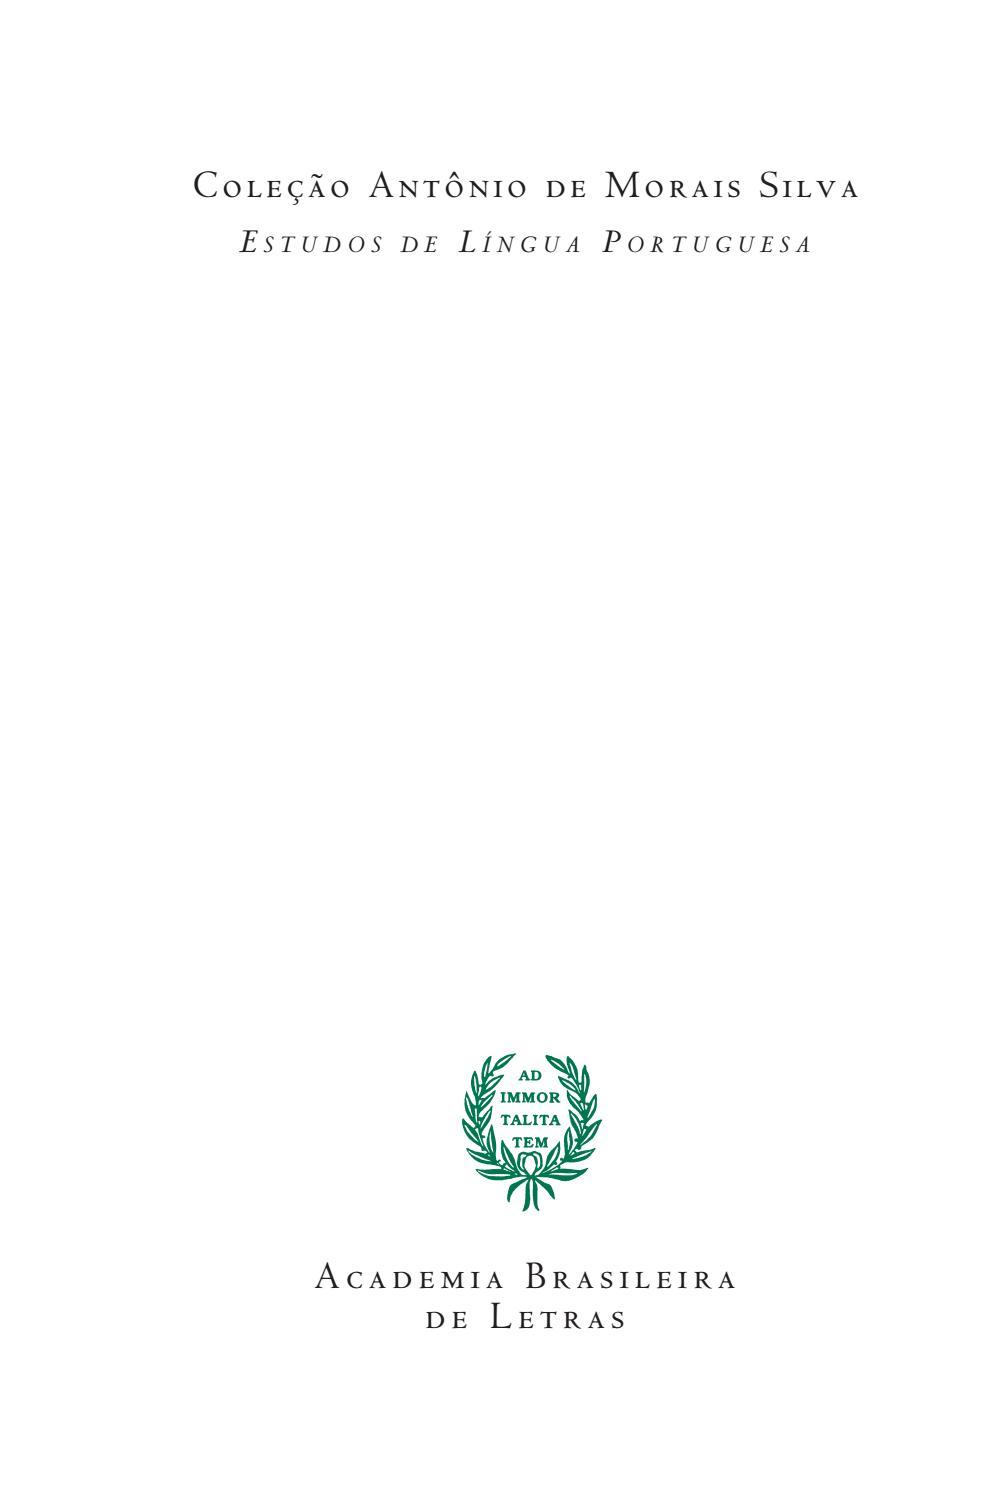 8420cb393 Aurélio Buarque de Holanda - Linguagem e Estilo de Machado, Eça e Lopes  Neto by Carlos Duarte - issuu